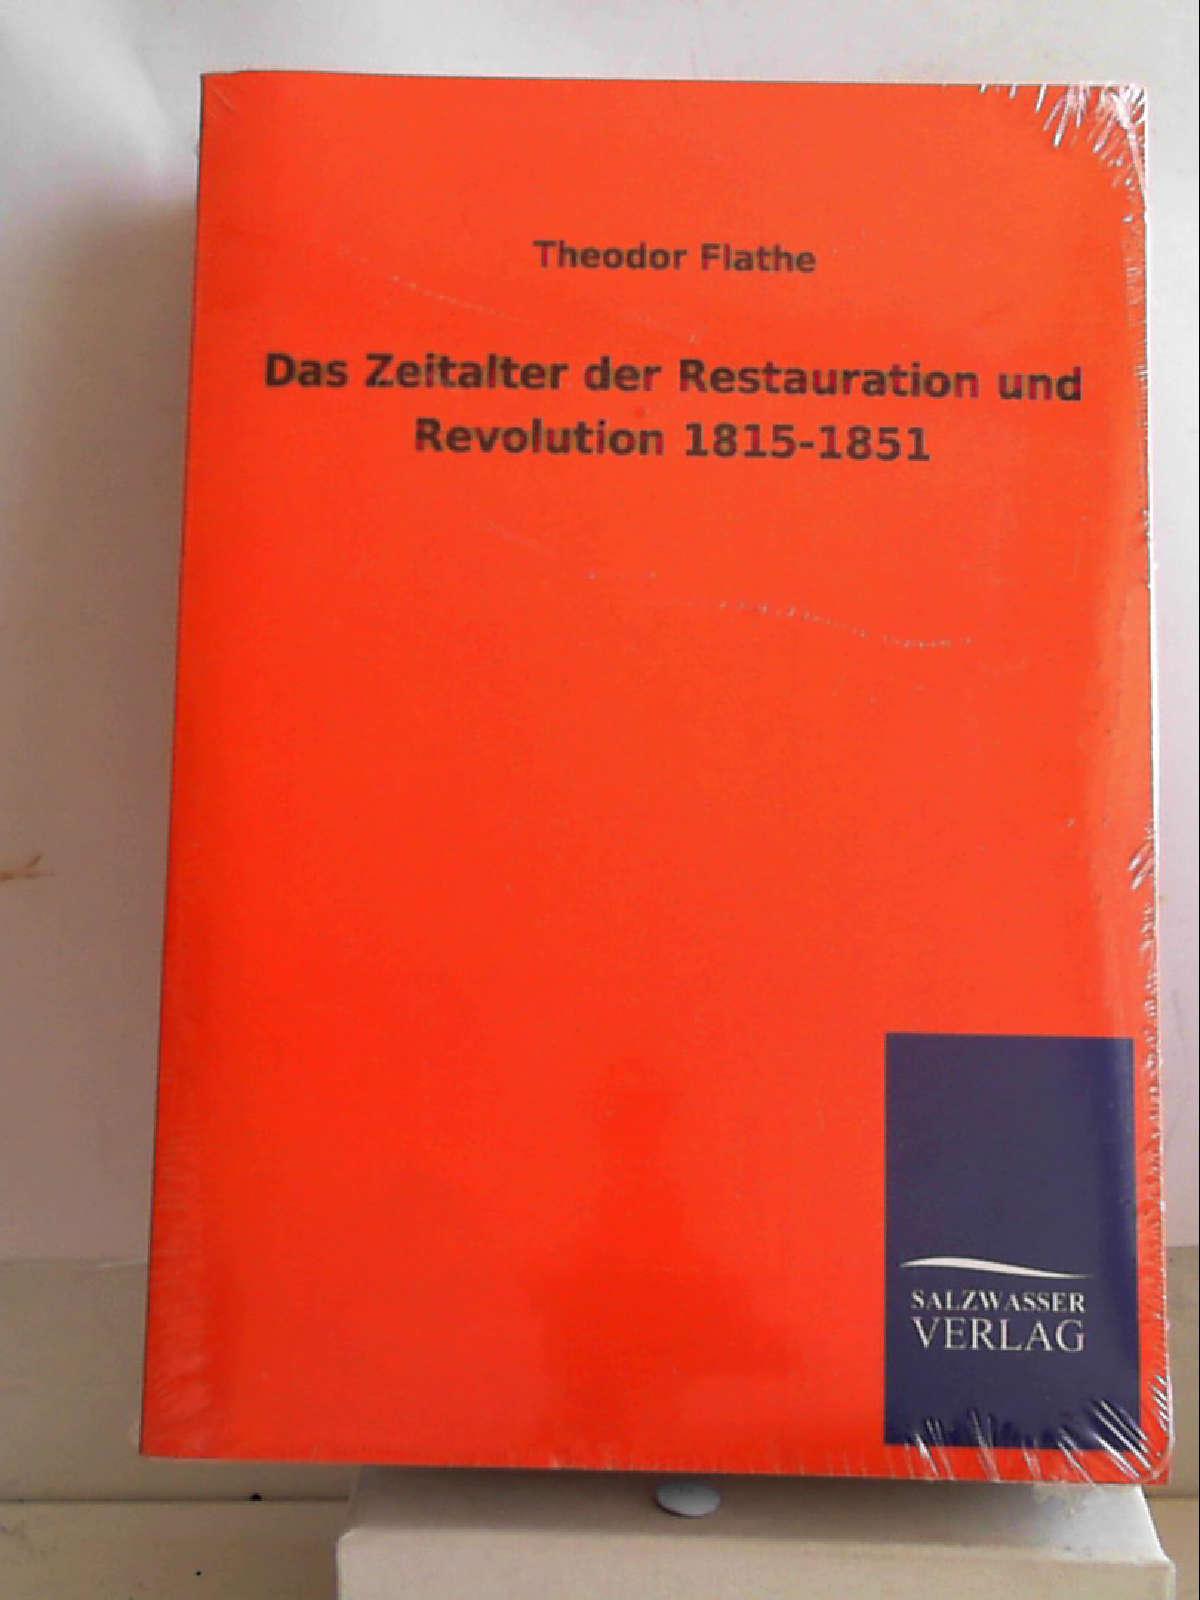 Das Zeitalter der Restauration und Revolution 1815-1851 - Theodor Flathe